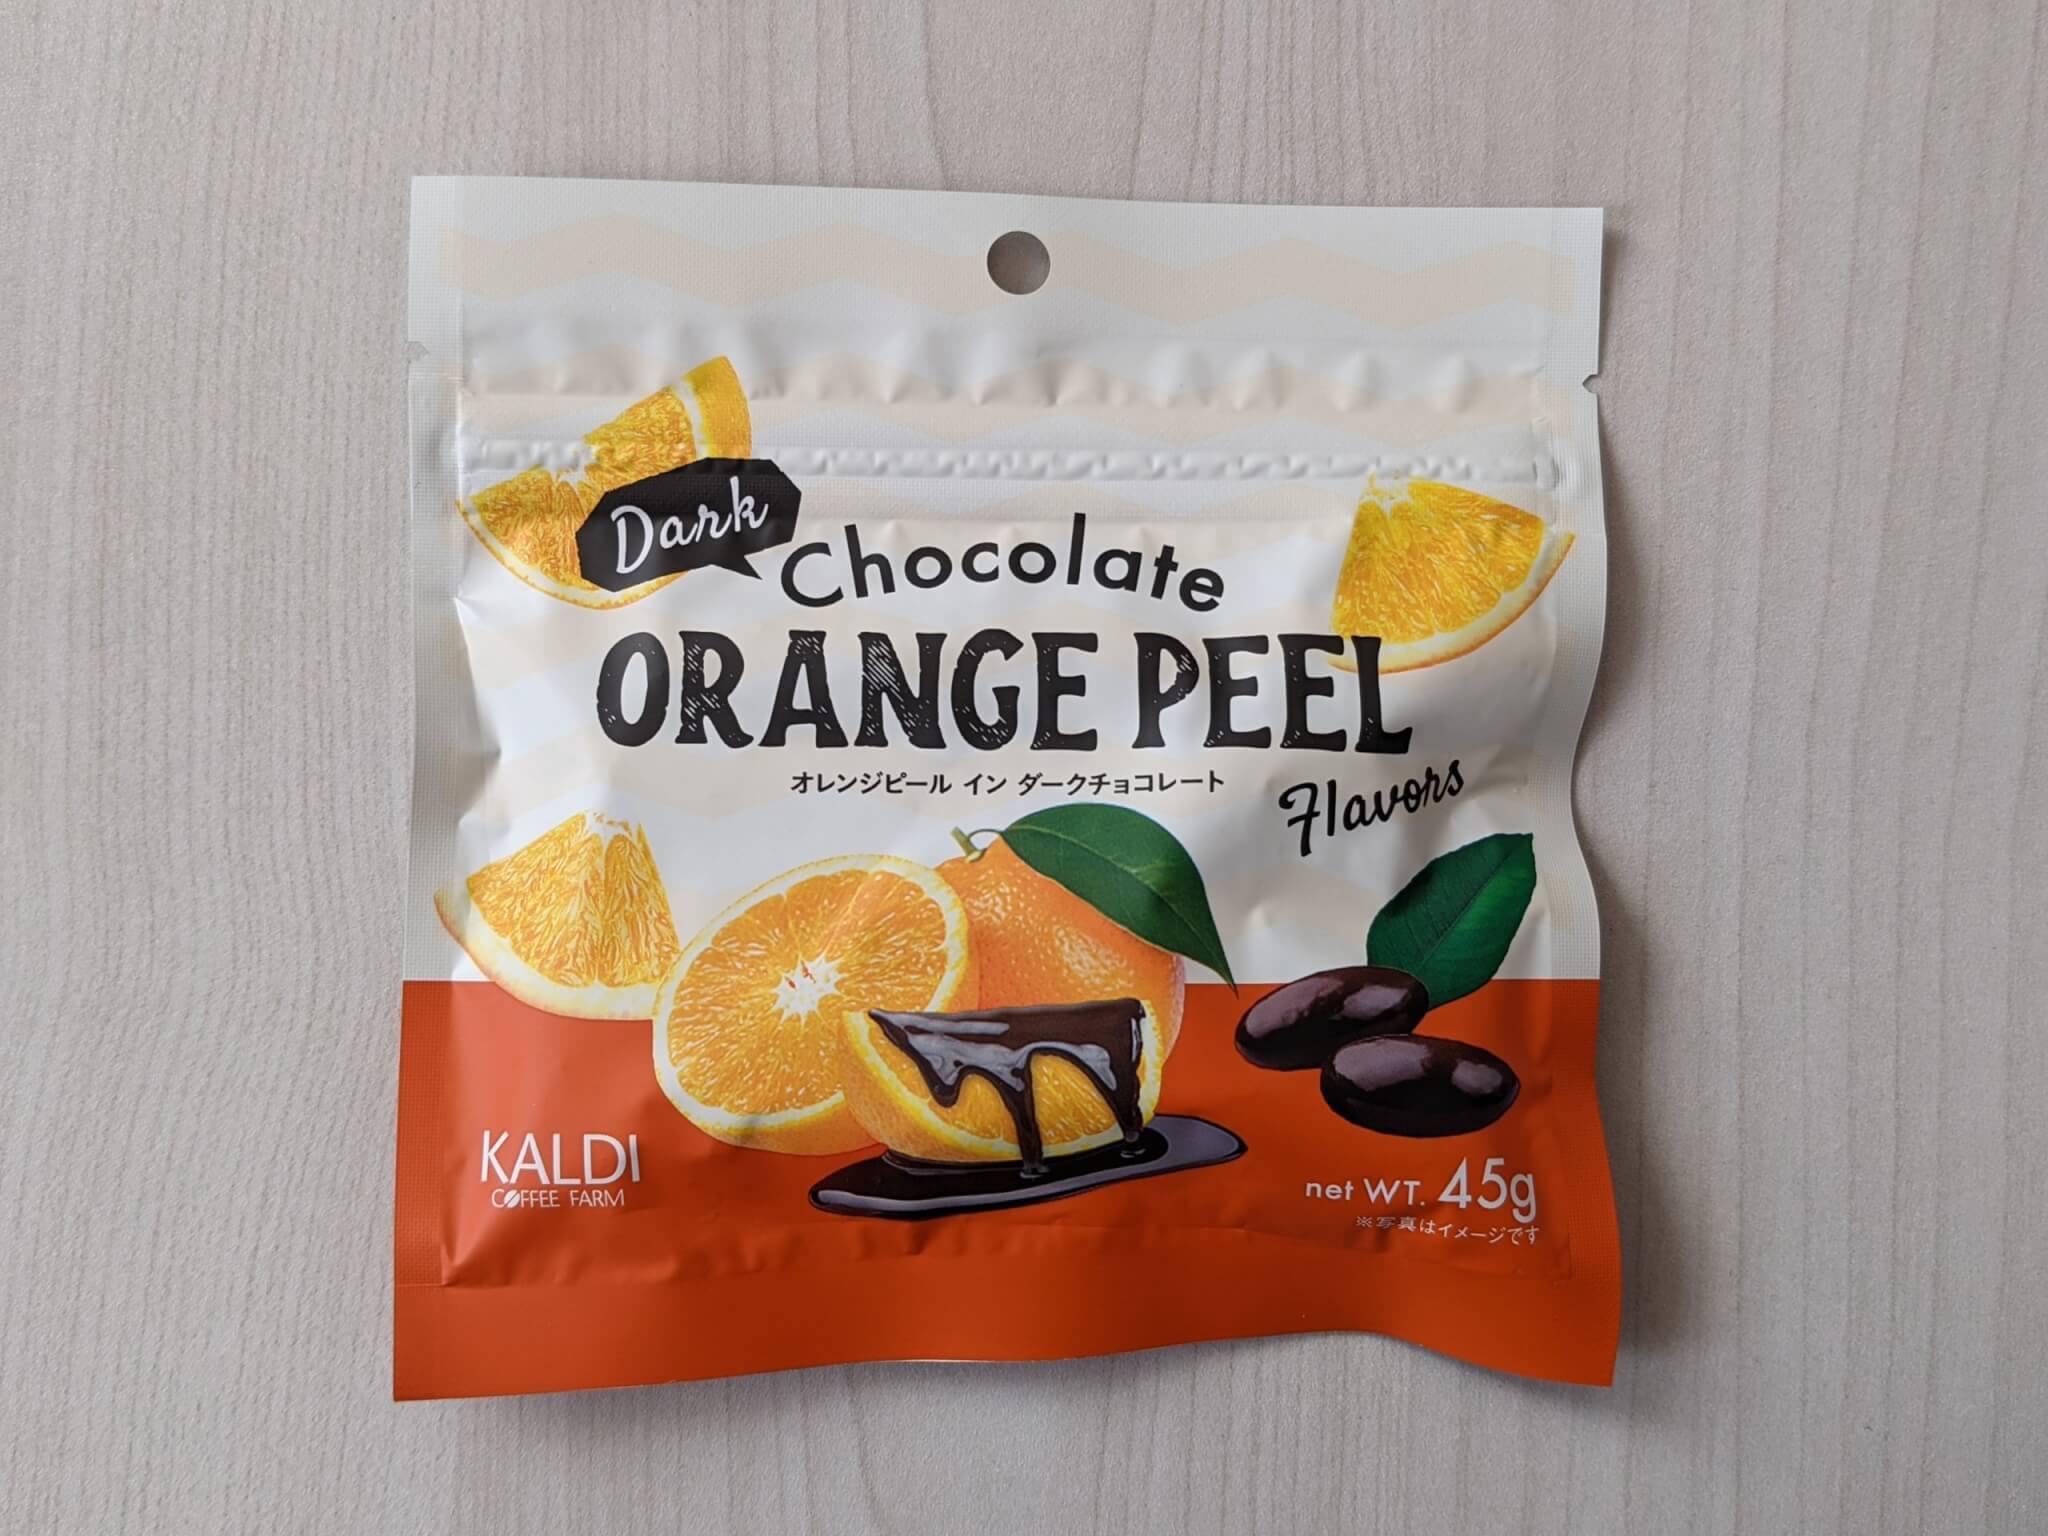 カルディ オレンジピールインダークチョコレート